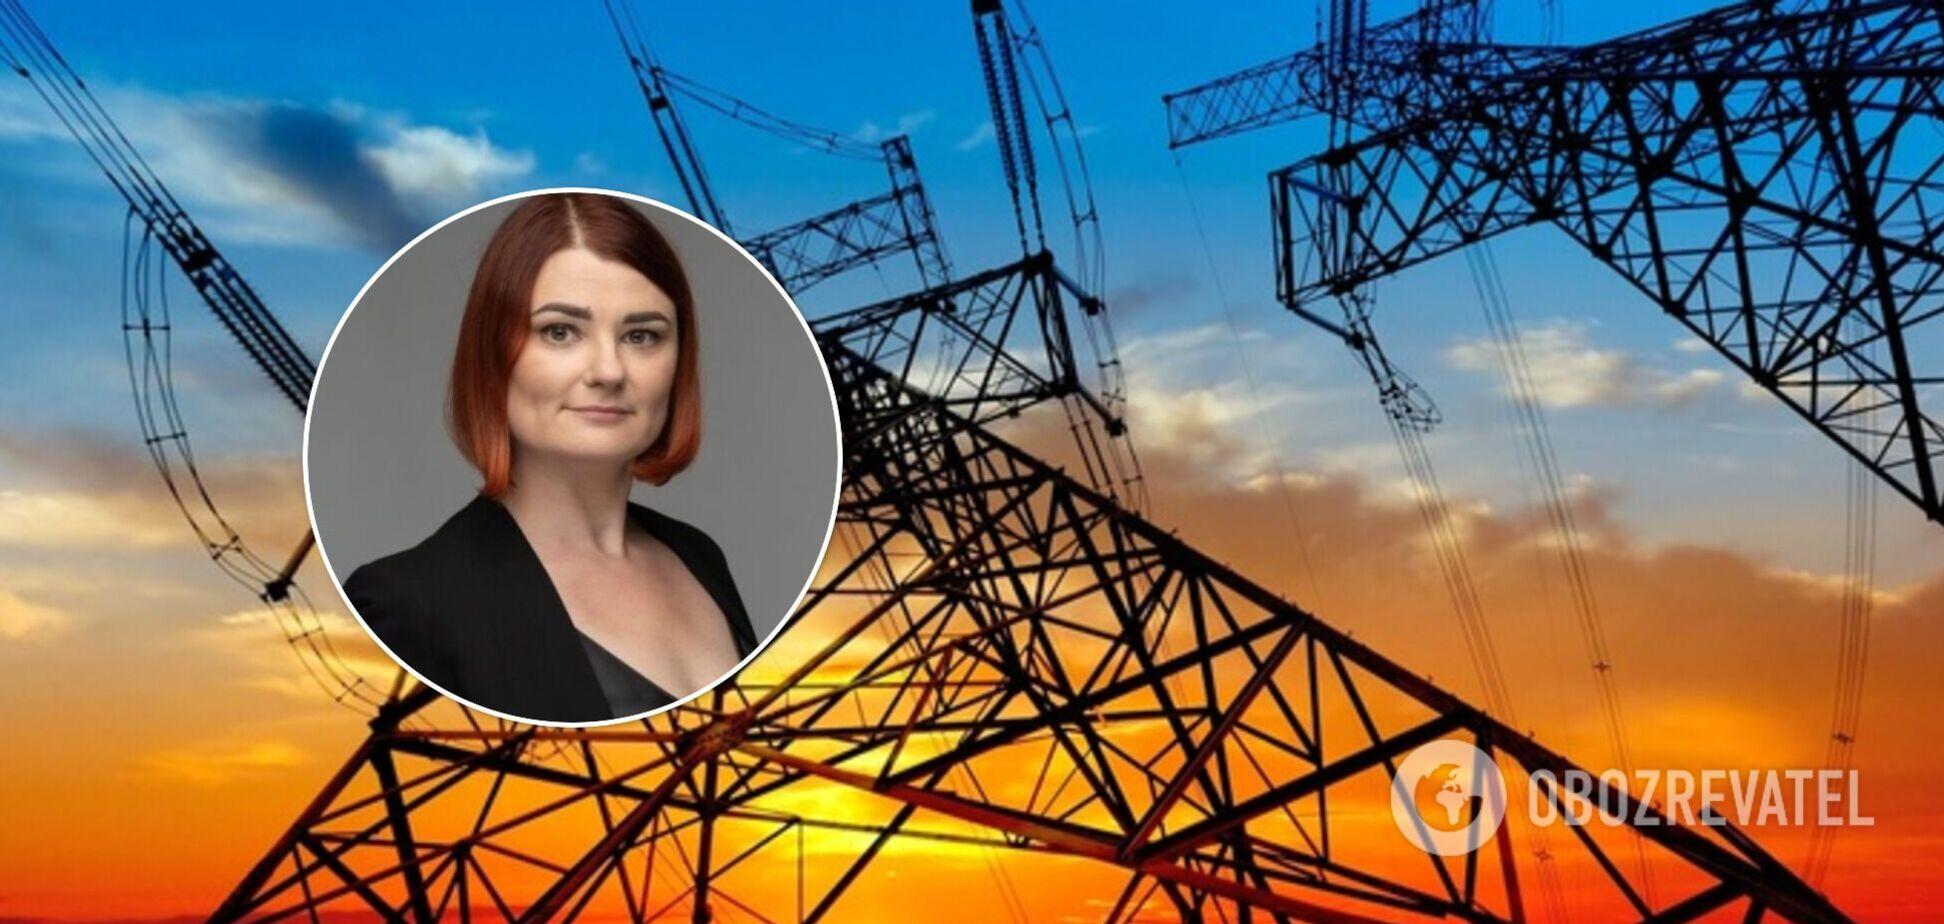 Комитет Геруса заблокировал инициативу Минэнерго о запрете манипуляций спекулянтов на энергорынке, – нардеп